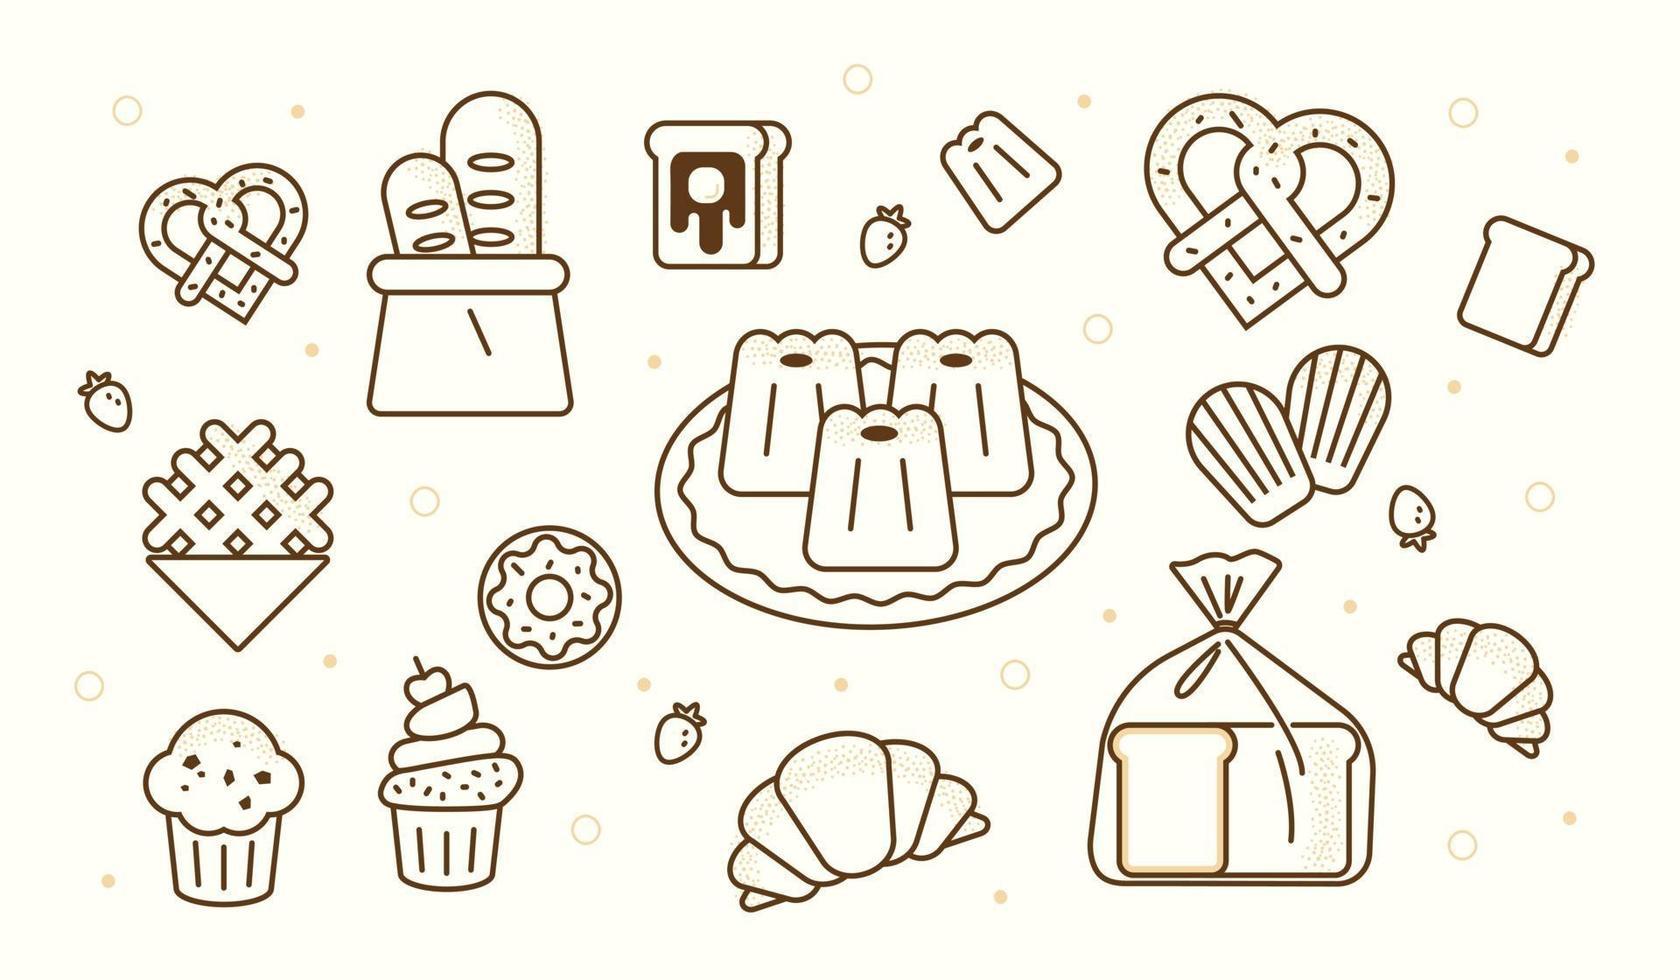 délicieux dessin au trait d'objet de boulangerie. illustration vectorielle minimale de style design plat. vecteur